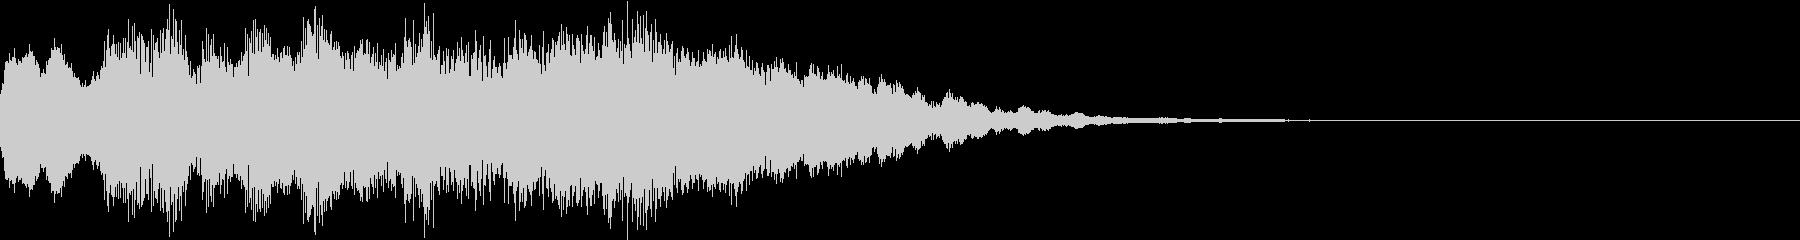 神秘的なクリスタル音01- ジングルCMの未再生の波形